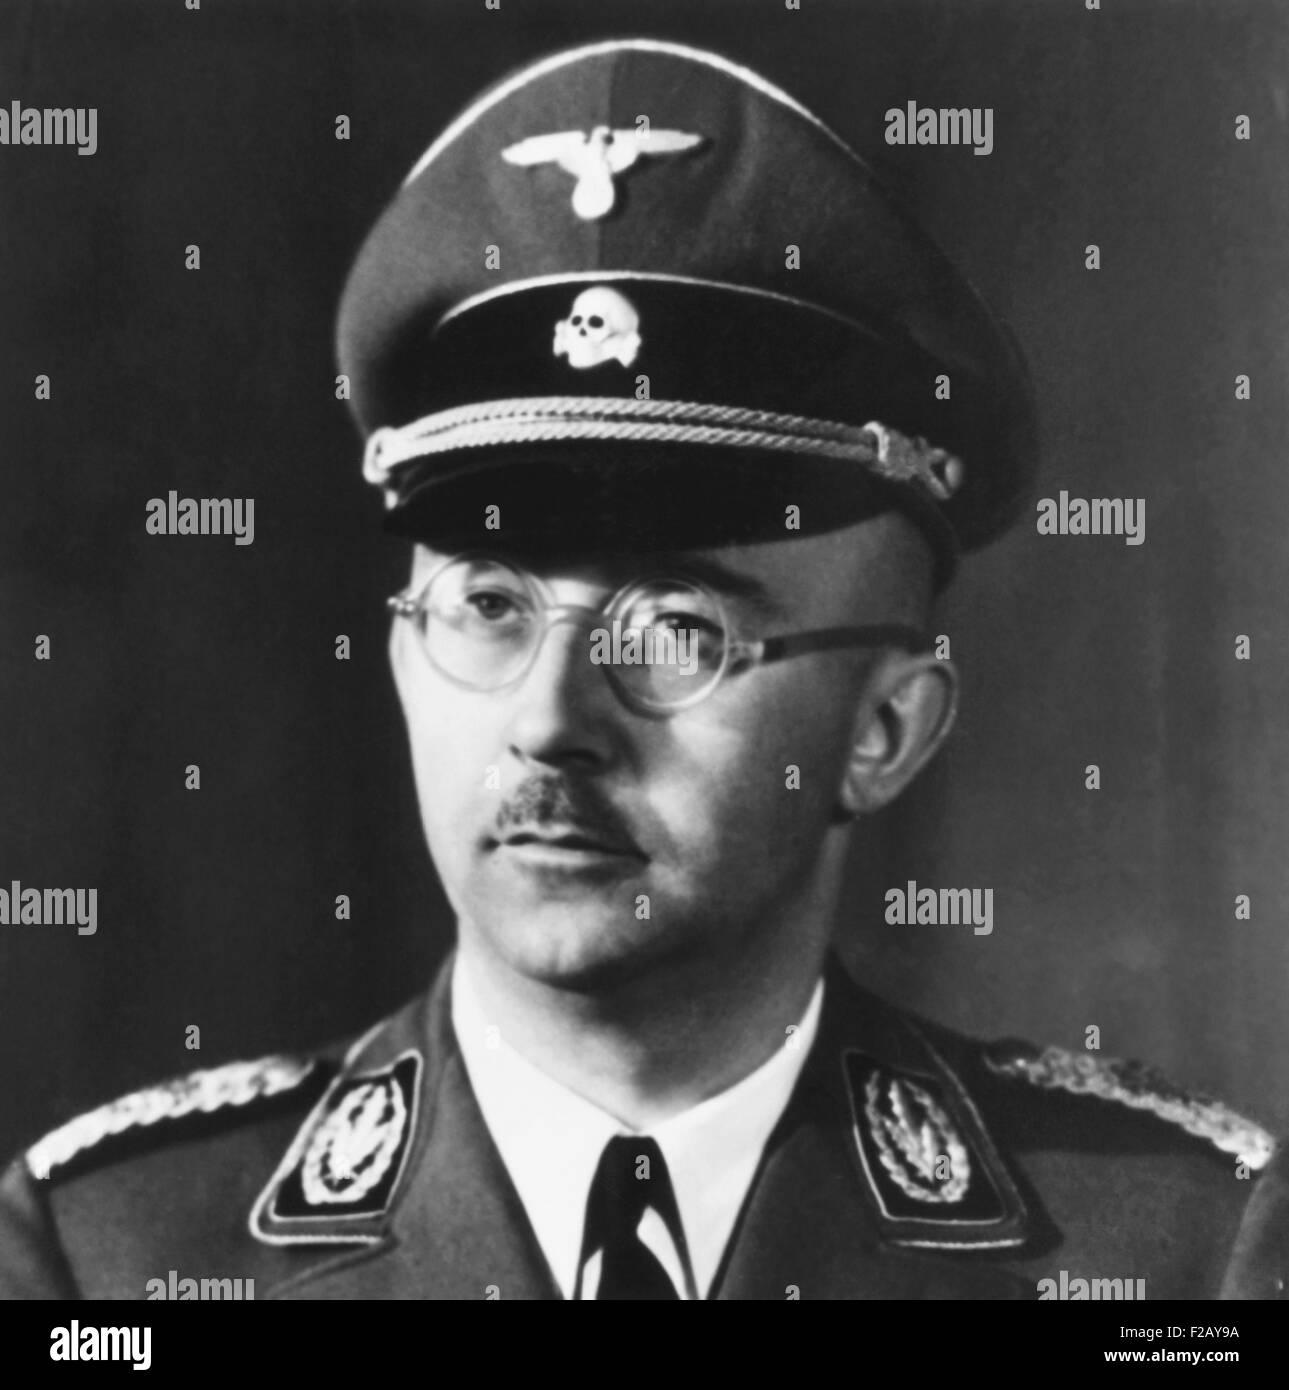 Heinrich Himmler, Leader Of The Nazi Germany's Elite